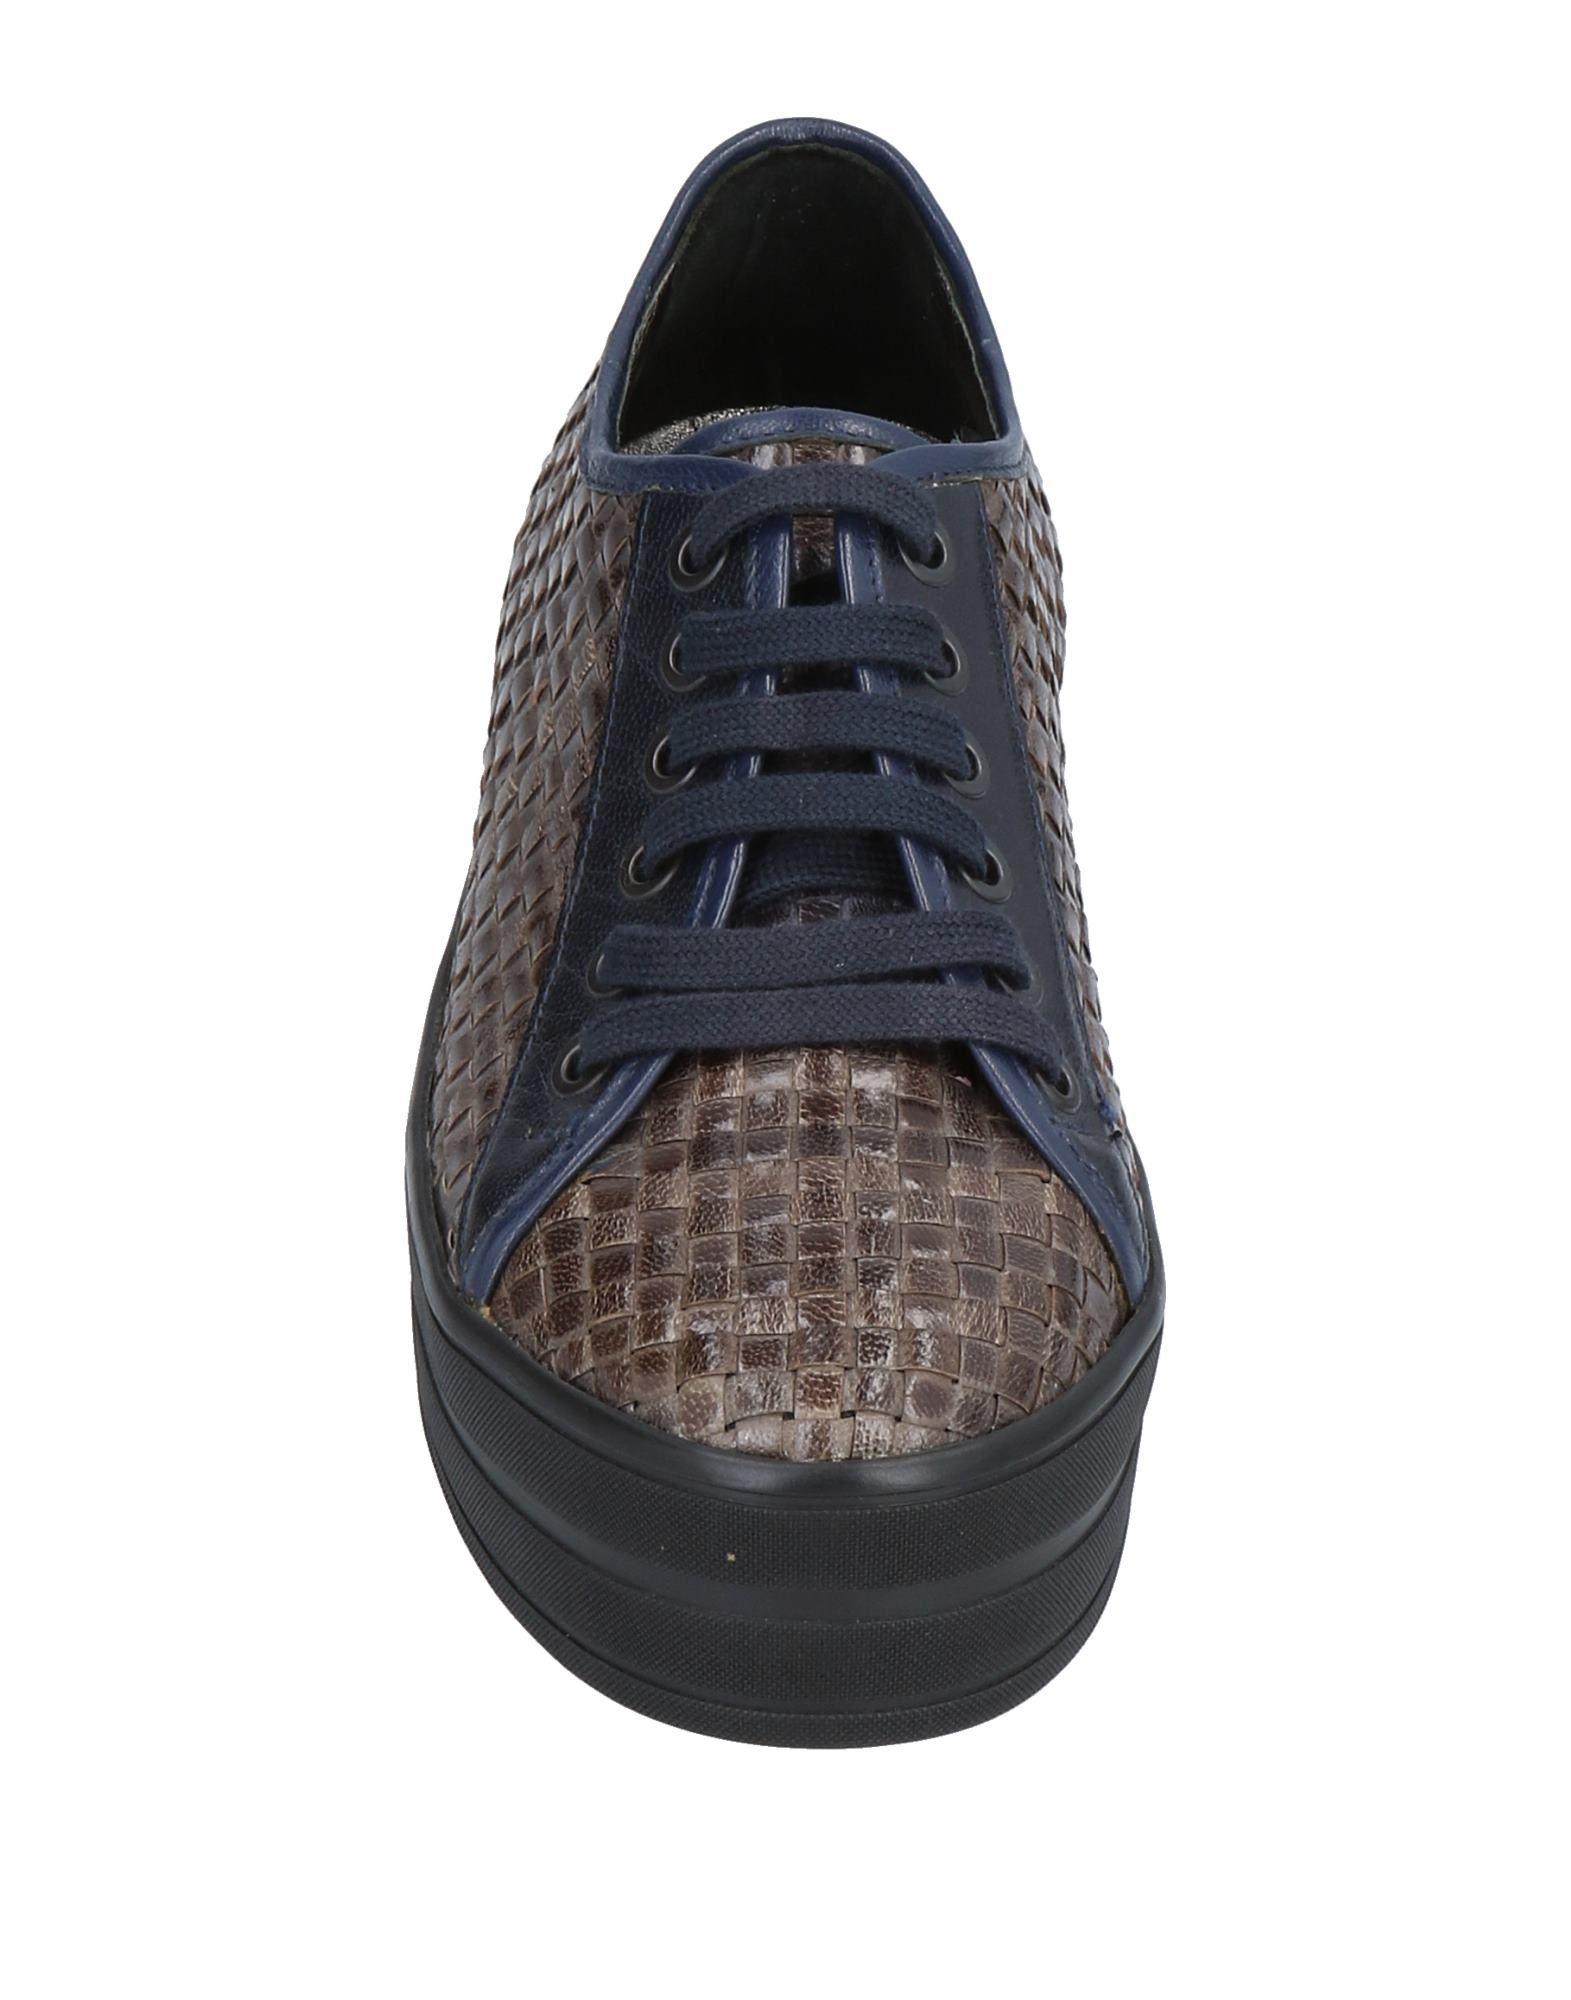 Gut Marinē um billige Schuhe zu tragenLe Marinē Gut Sneakers Damen  11486624RM e9a0d5